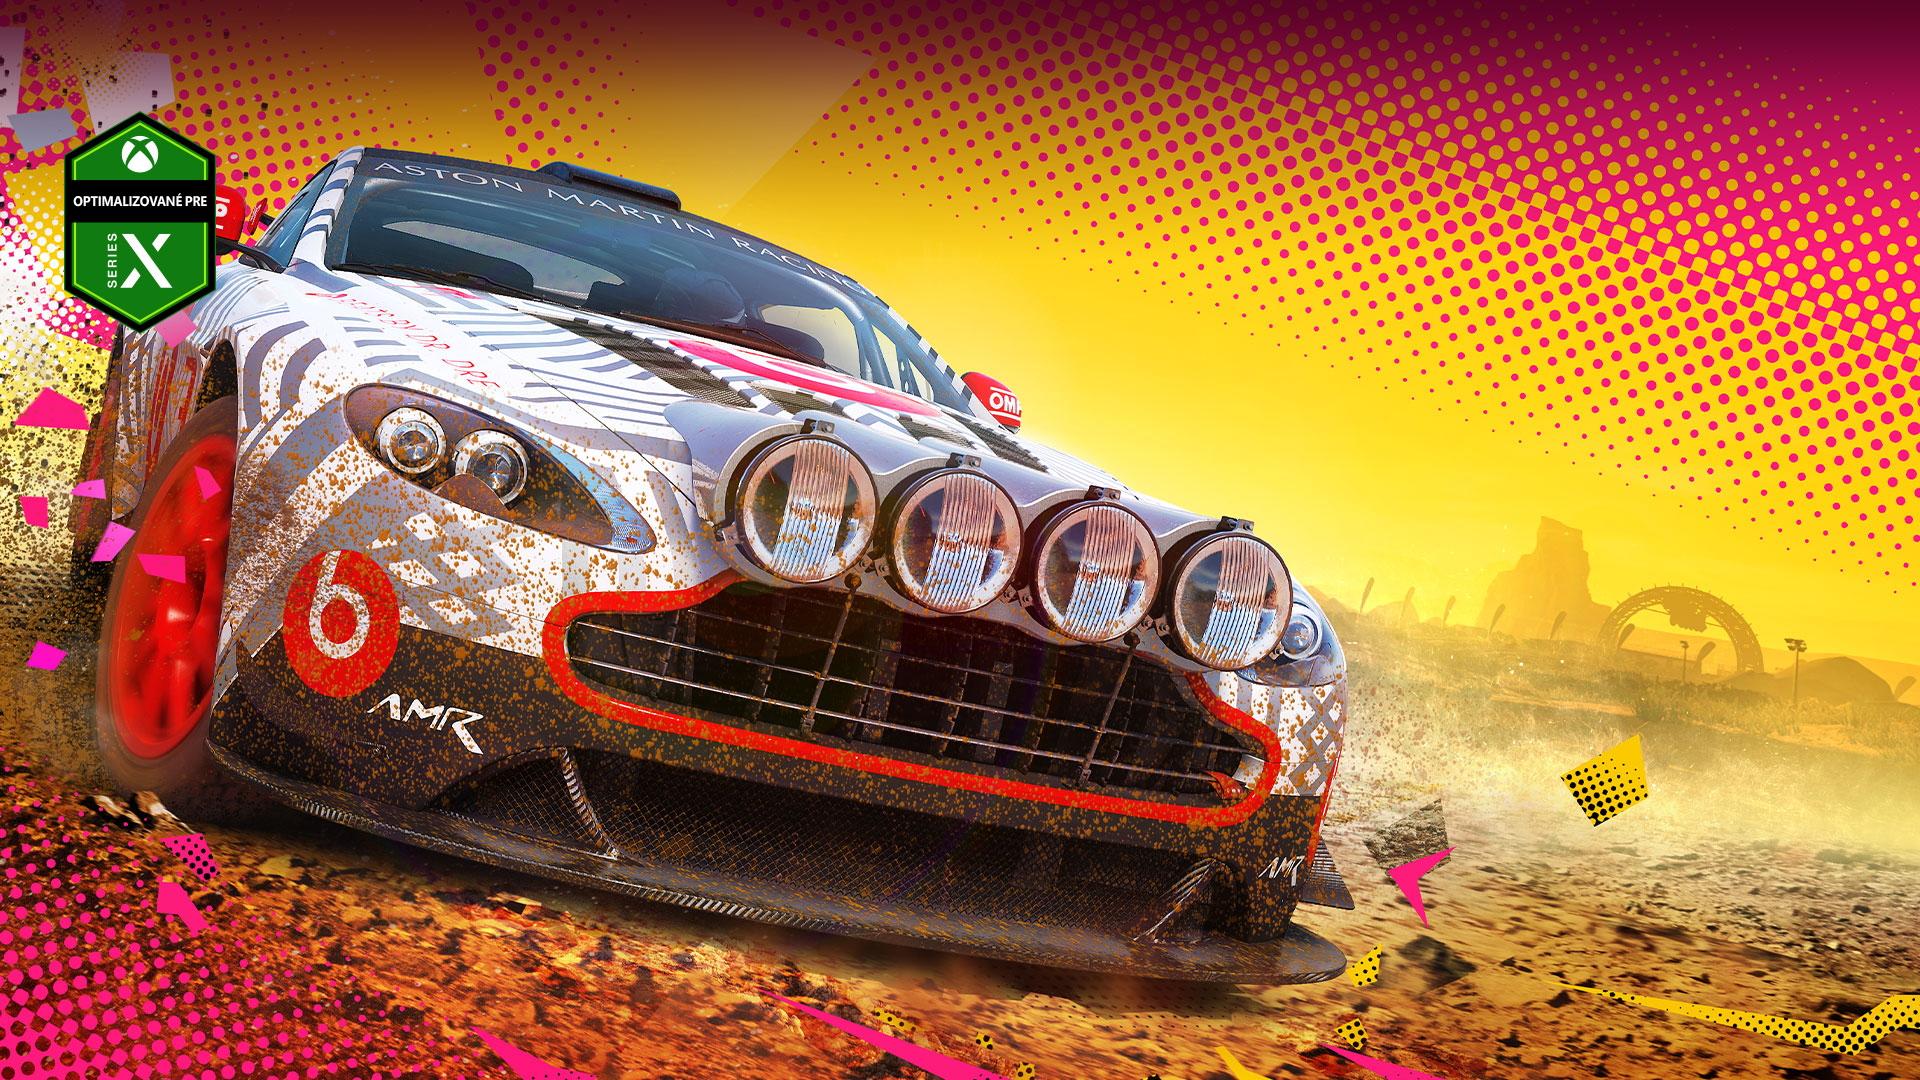 Logo Optimalizované pre Series X, Auto v bahne so žltým a ružovým pozadím